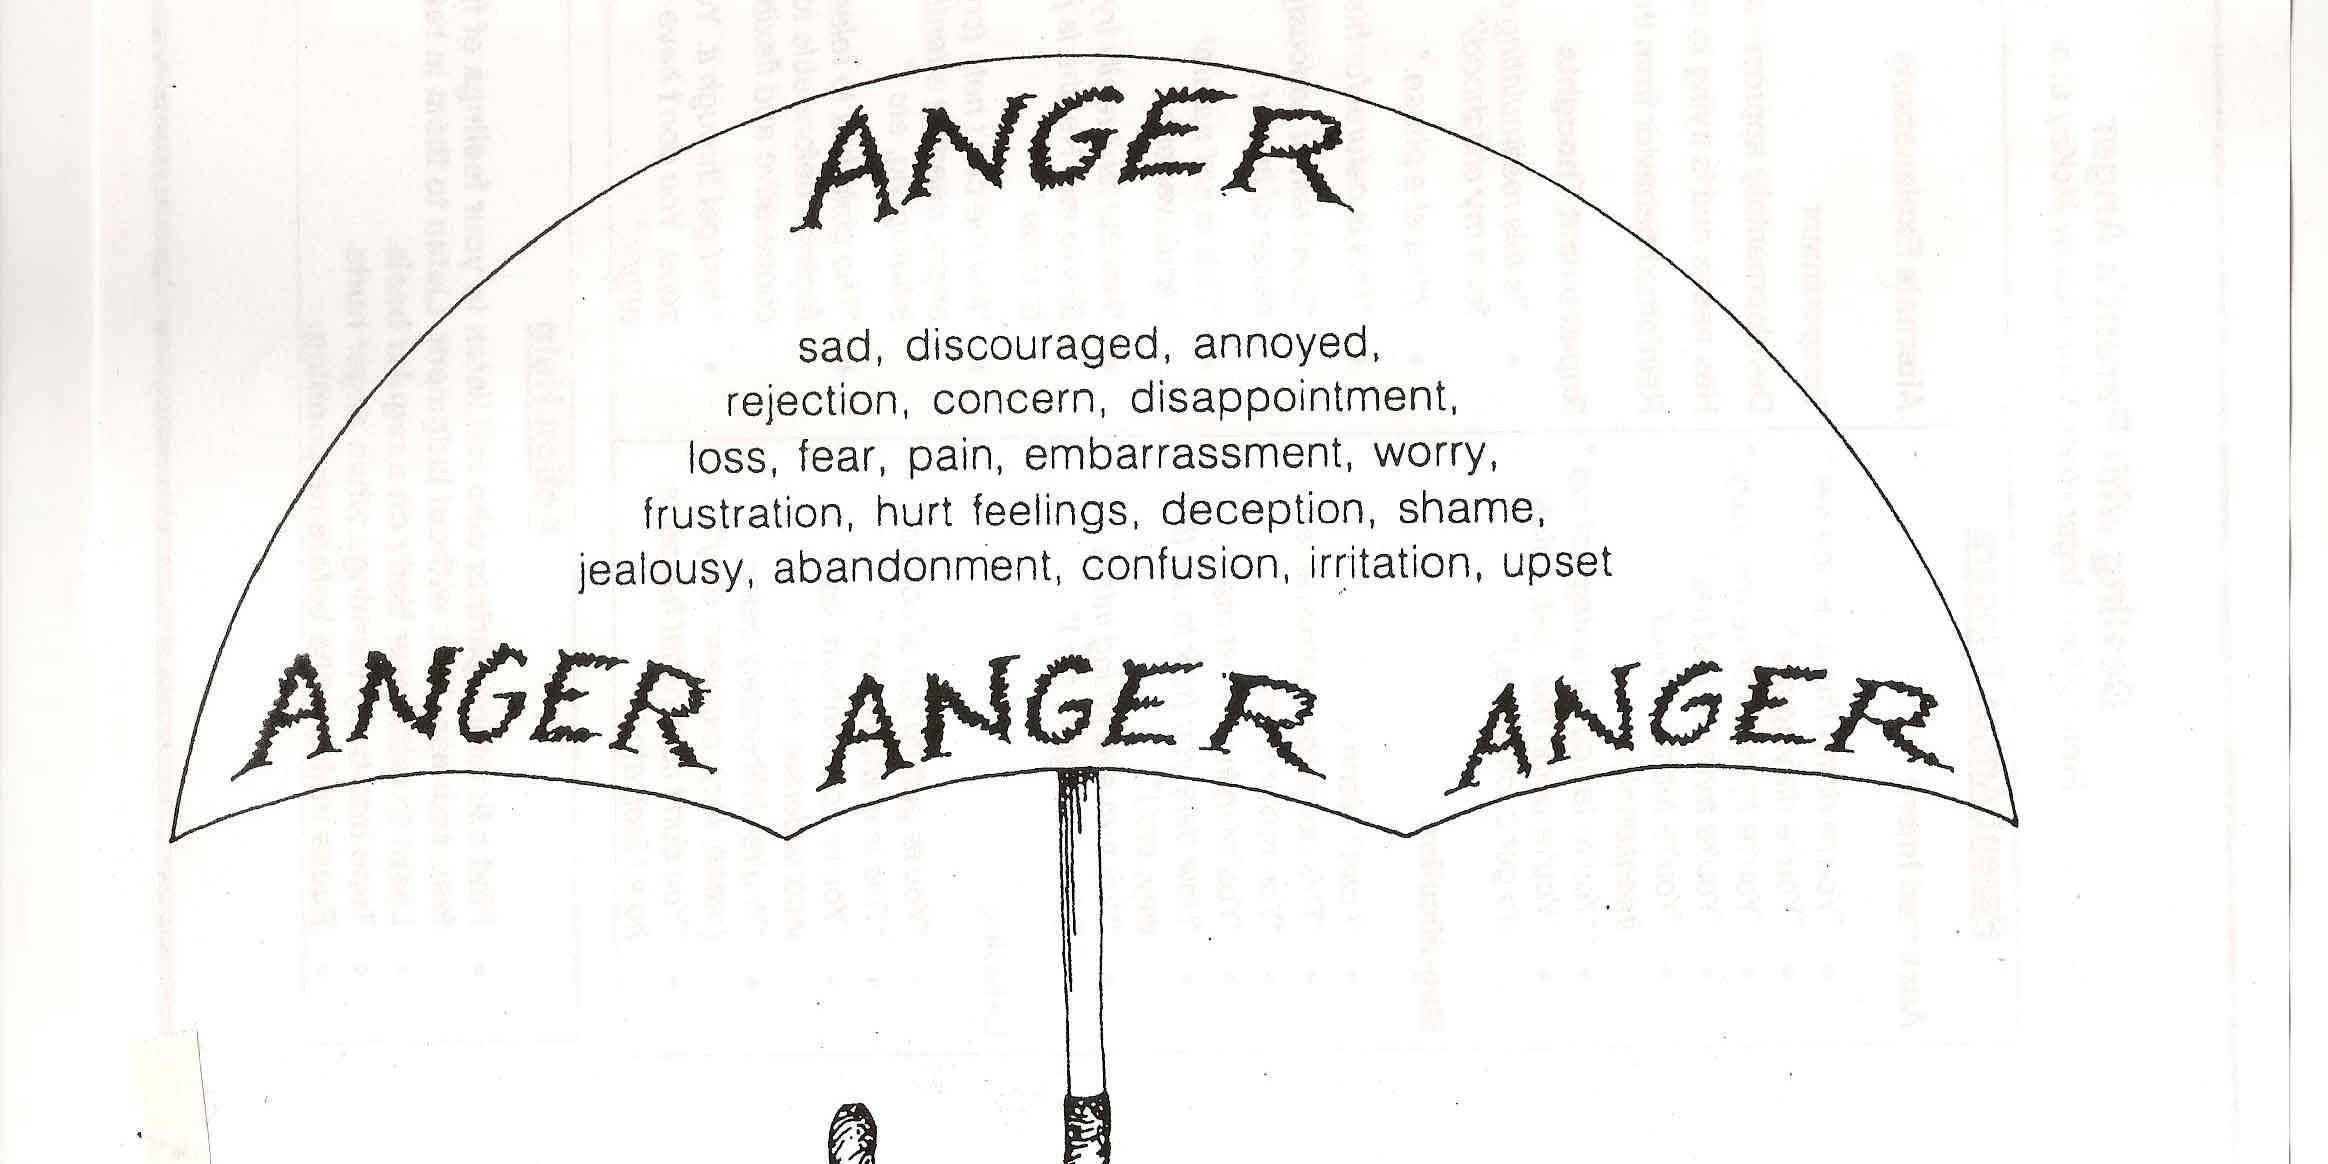 Anger-Umbrella-Listening-for-Feelings-e1356246263507-2328x1164